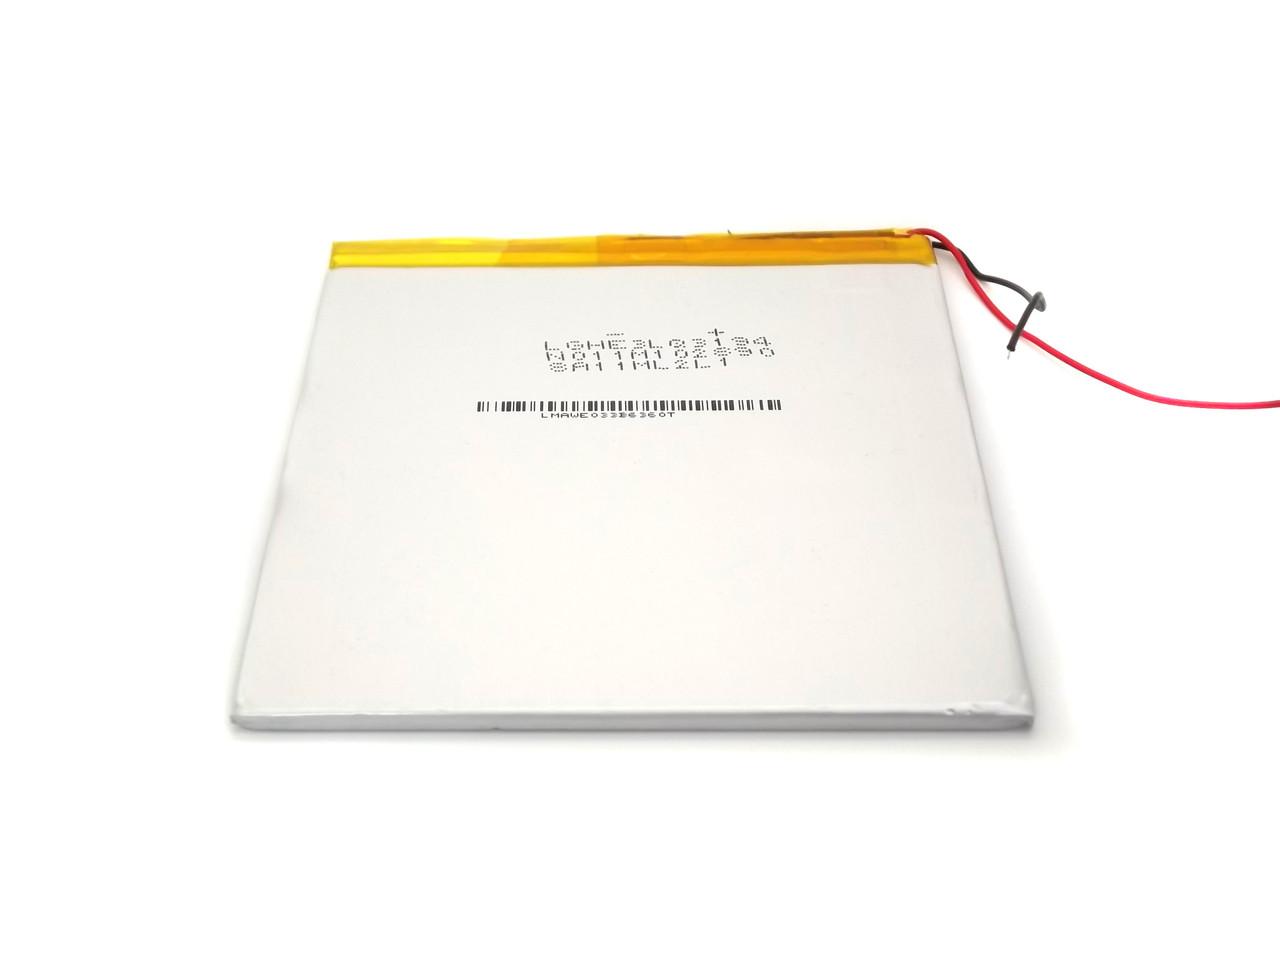 Аккумулятор 4500 мАч 3.7В  для  8-ми, 9-ти и 10-ти дюймовых планшетов